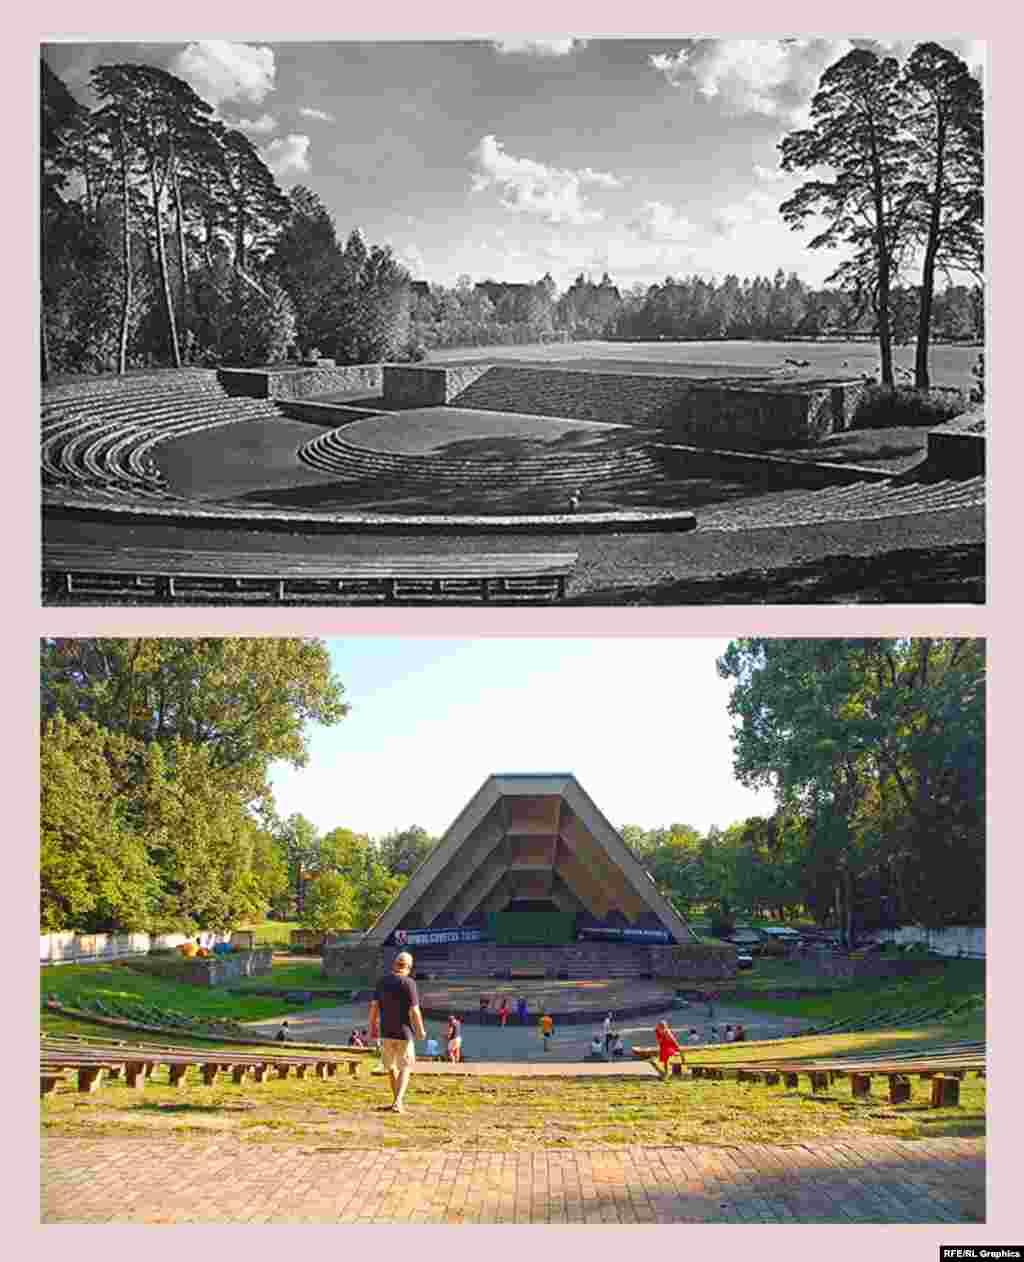 Советск (ранее – Тильзит), Зеленый театр (ранее – Тинг) Тинги – амфитеатры в форме подковы, предназначенные для собраний патриотической молодежи Третьего рейха. Нацистское министерство пропаганды планировало построить по всей стране 1200 тингов, на деле было возведено 40. Тильзитский тинг появился в 1935 году. Тинги находились на открытых площадках, визуально включавших в себя окрестные пейзажи. Сцена, возведенная в послевоенные годы, лишила тинг в Советске именно этой черты. Зато современный лозунг справа, гласящий «Сильная Россия – Единая Россия» как раз очень точно соответствует изначальному духу места.